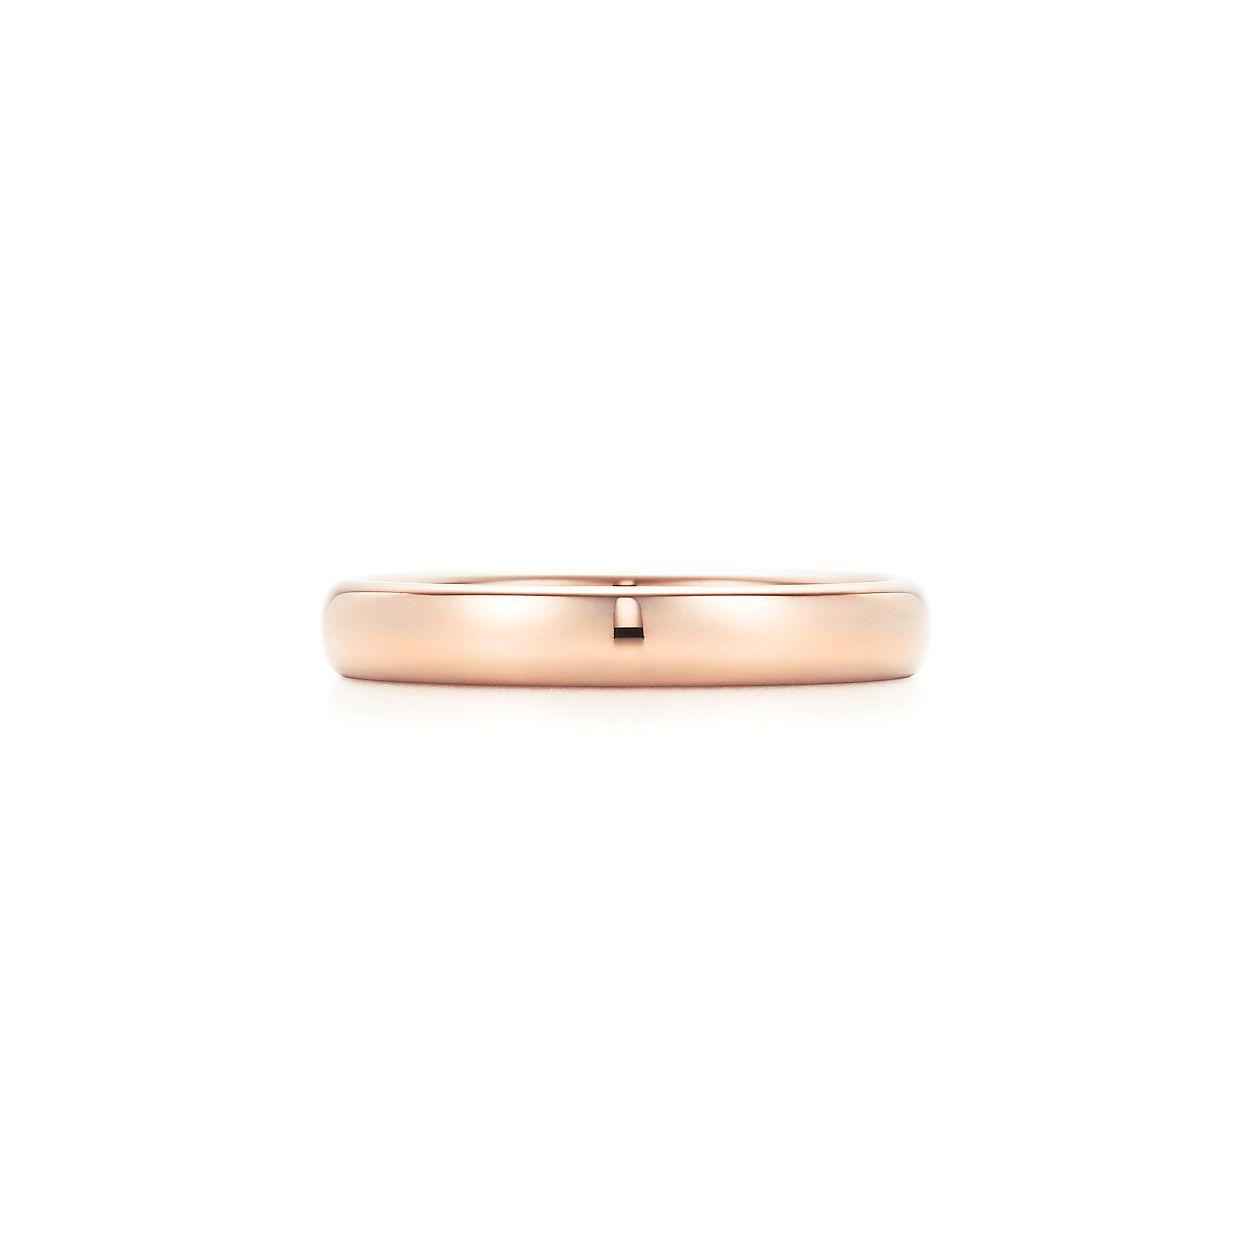 tiffany classicwedding band ring - Tiffany Wedding Ring